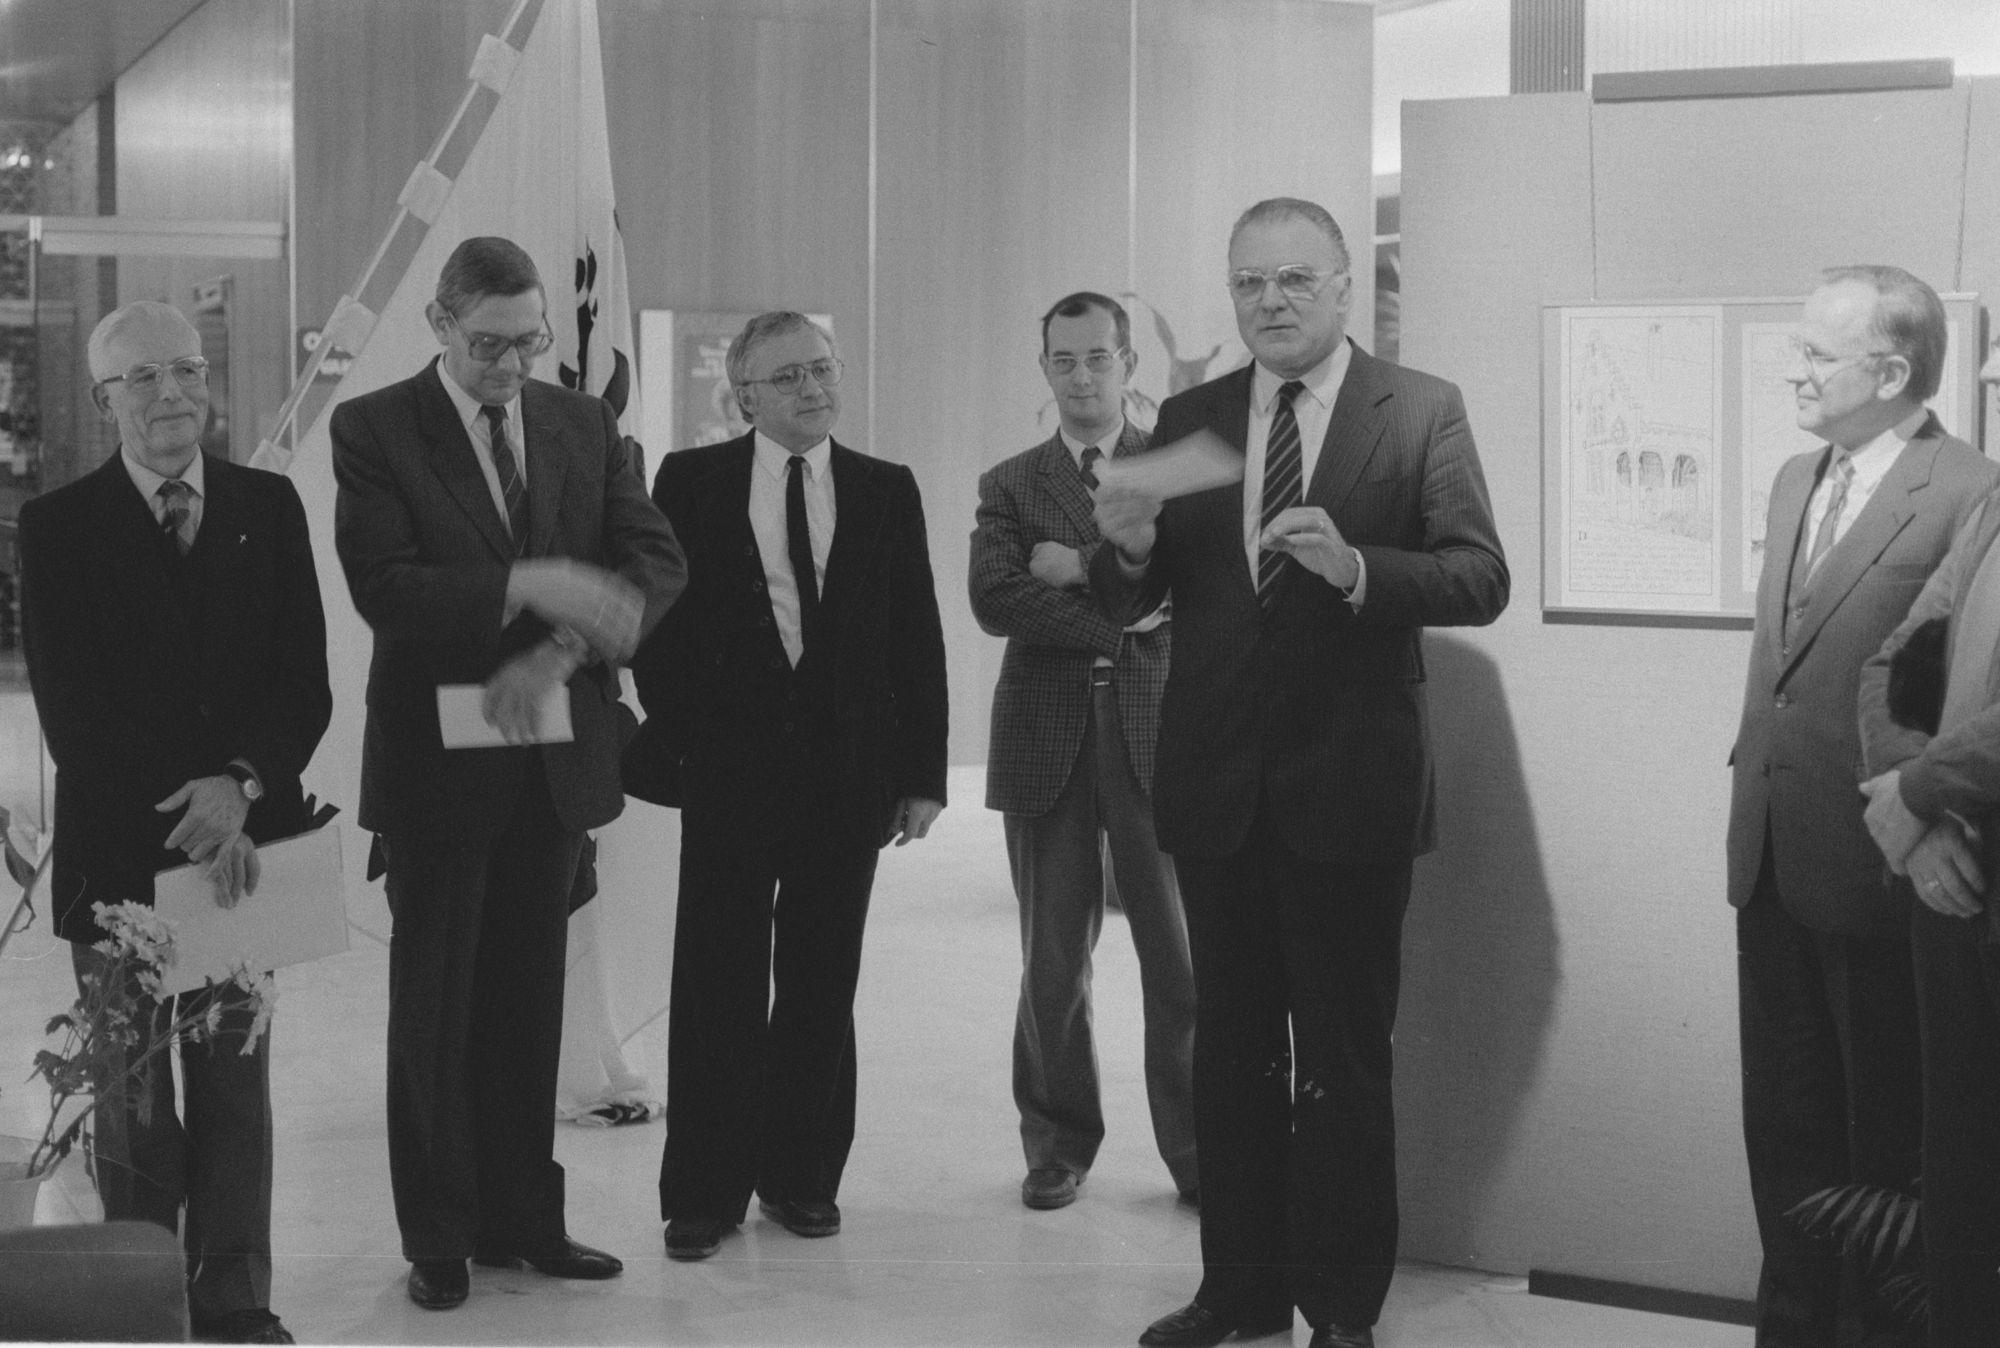 Luc Vercruysse en burgemeester De Jaegere op de tentoonstelling 'Kortrijk vroeger'